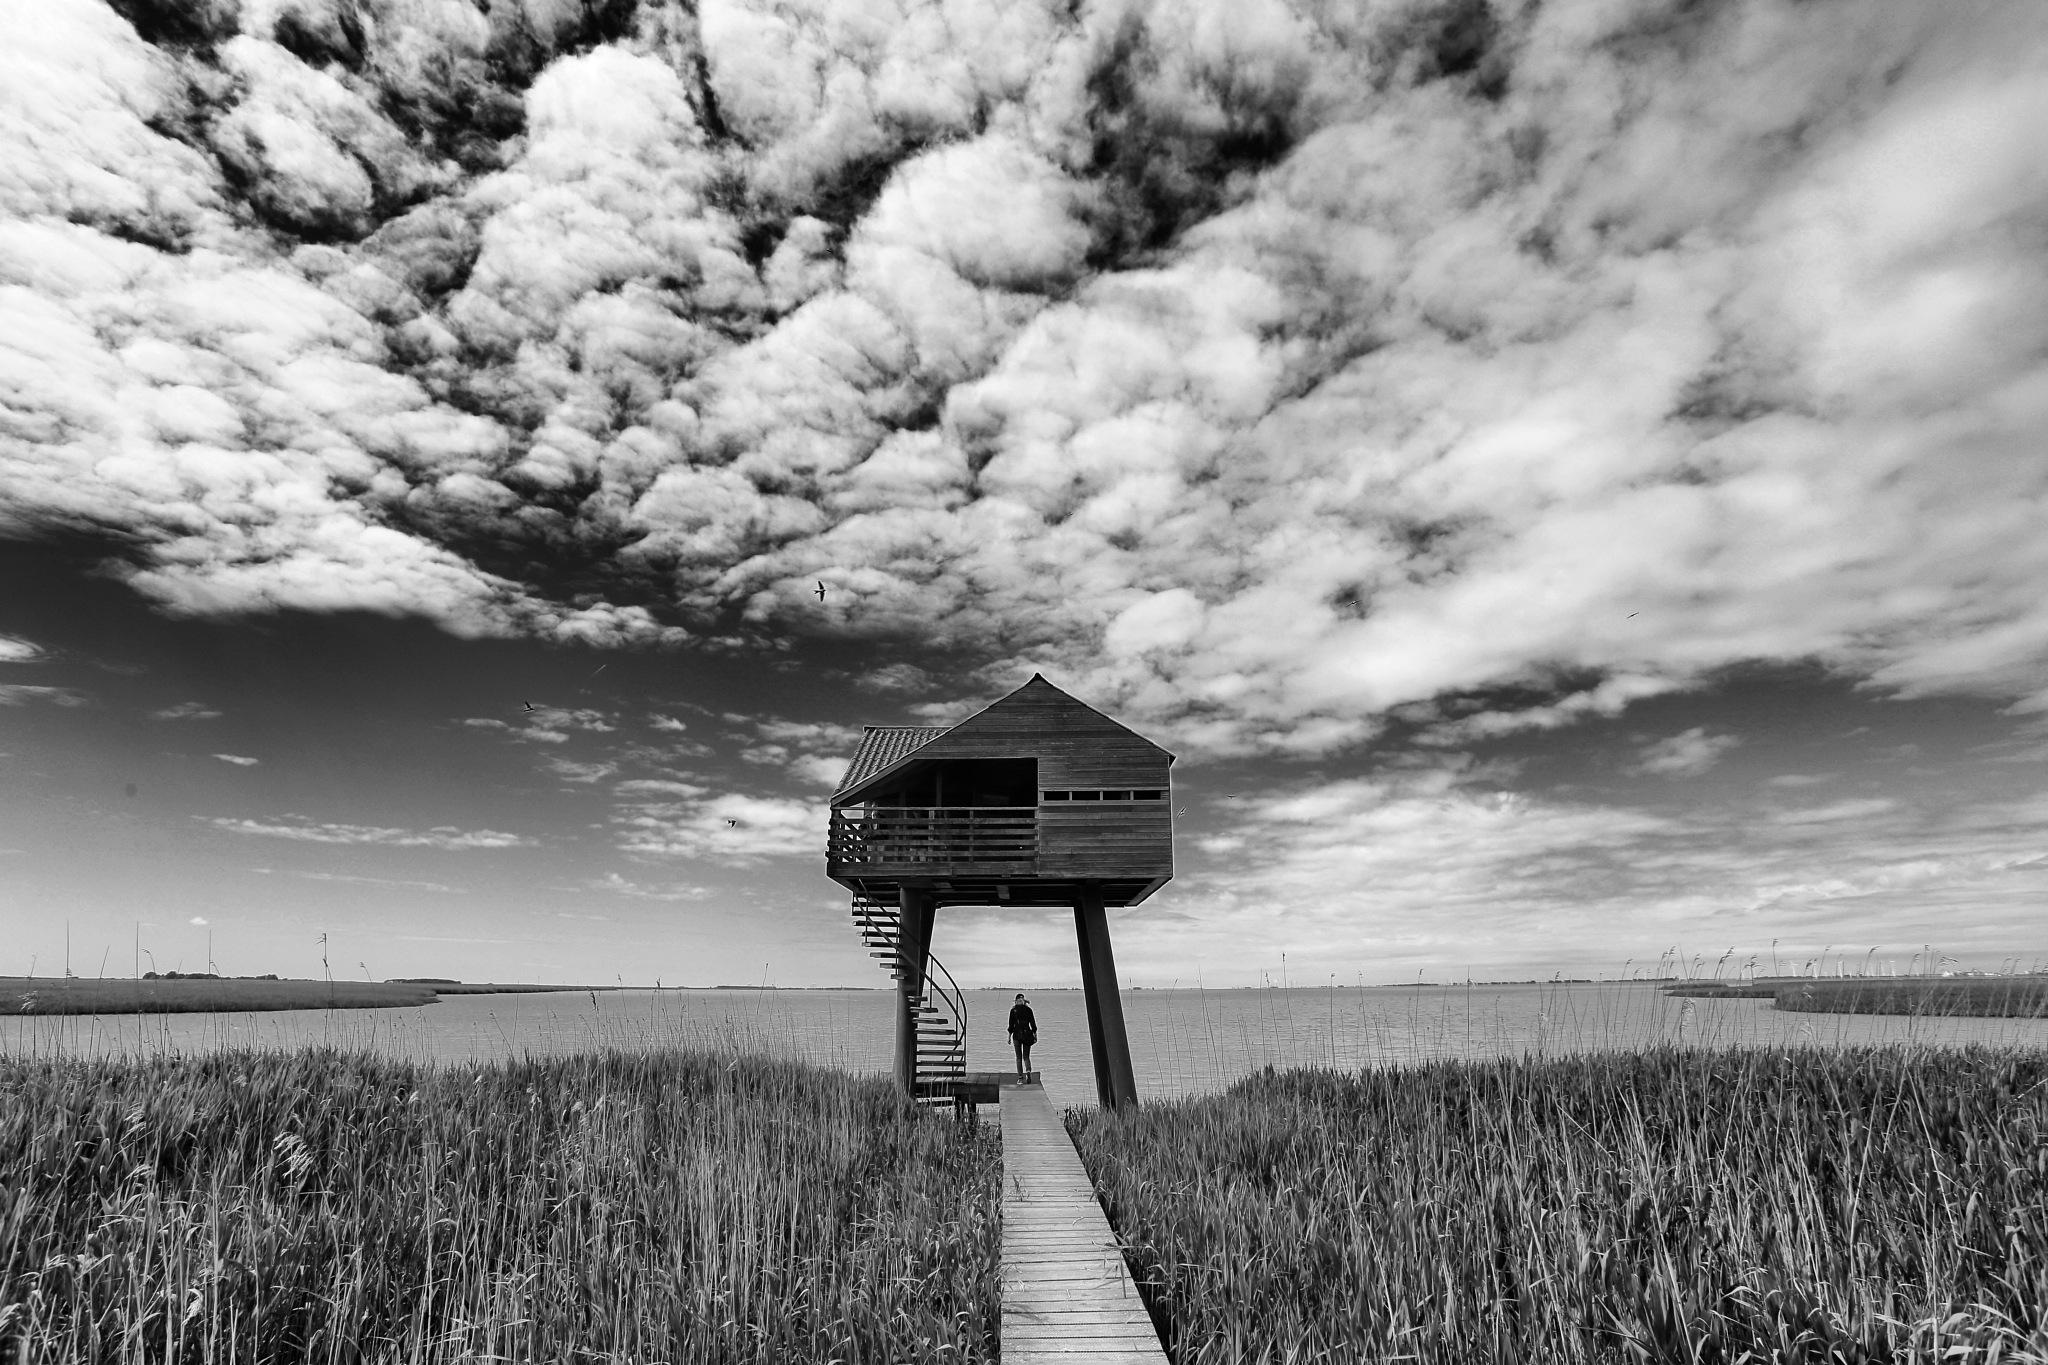 Kiekkast by Sjoerd Weiland